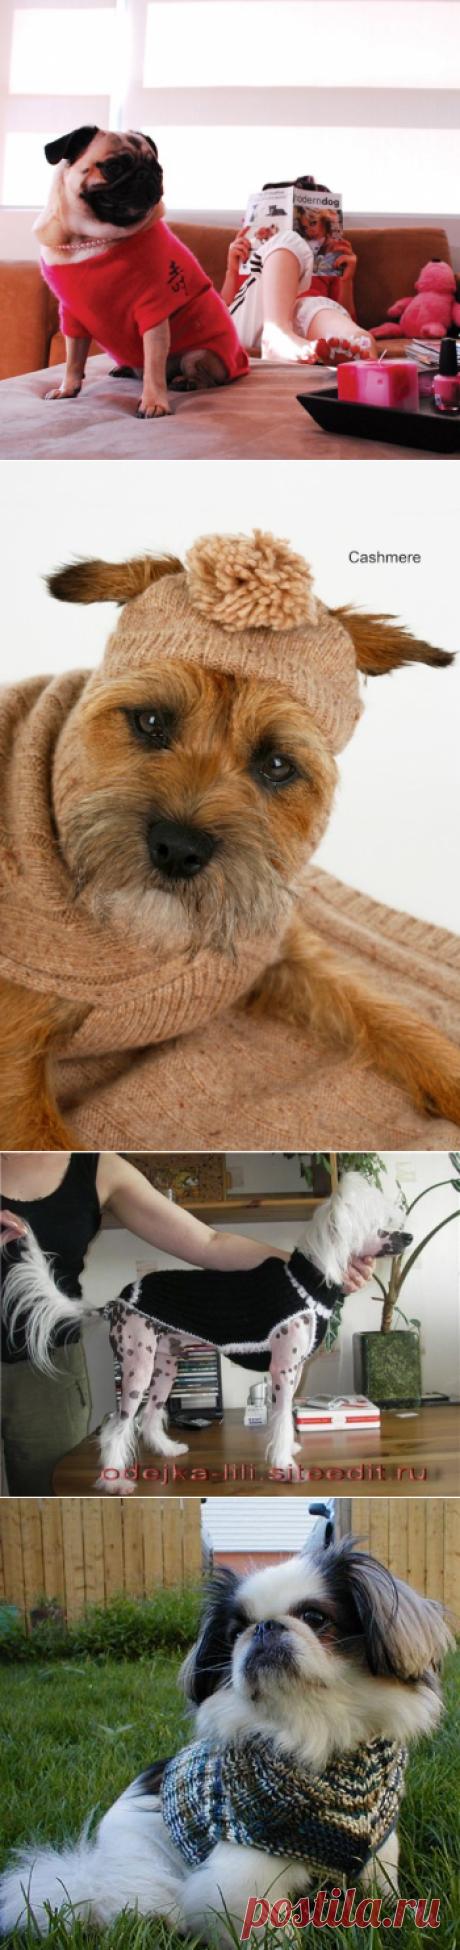 Вязаная одежда для собак. Полезные советы, статьи и сайты